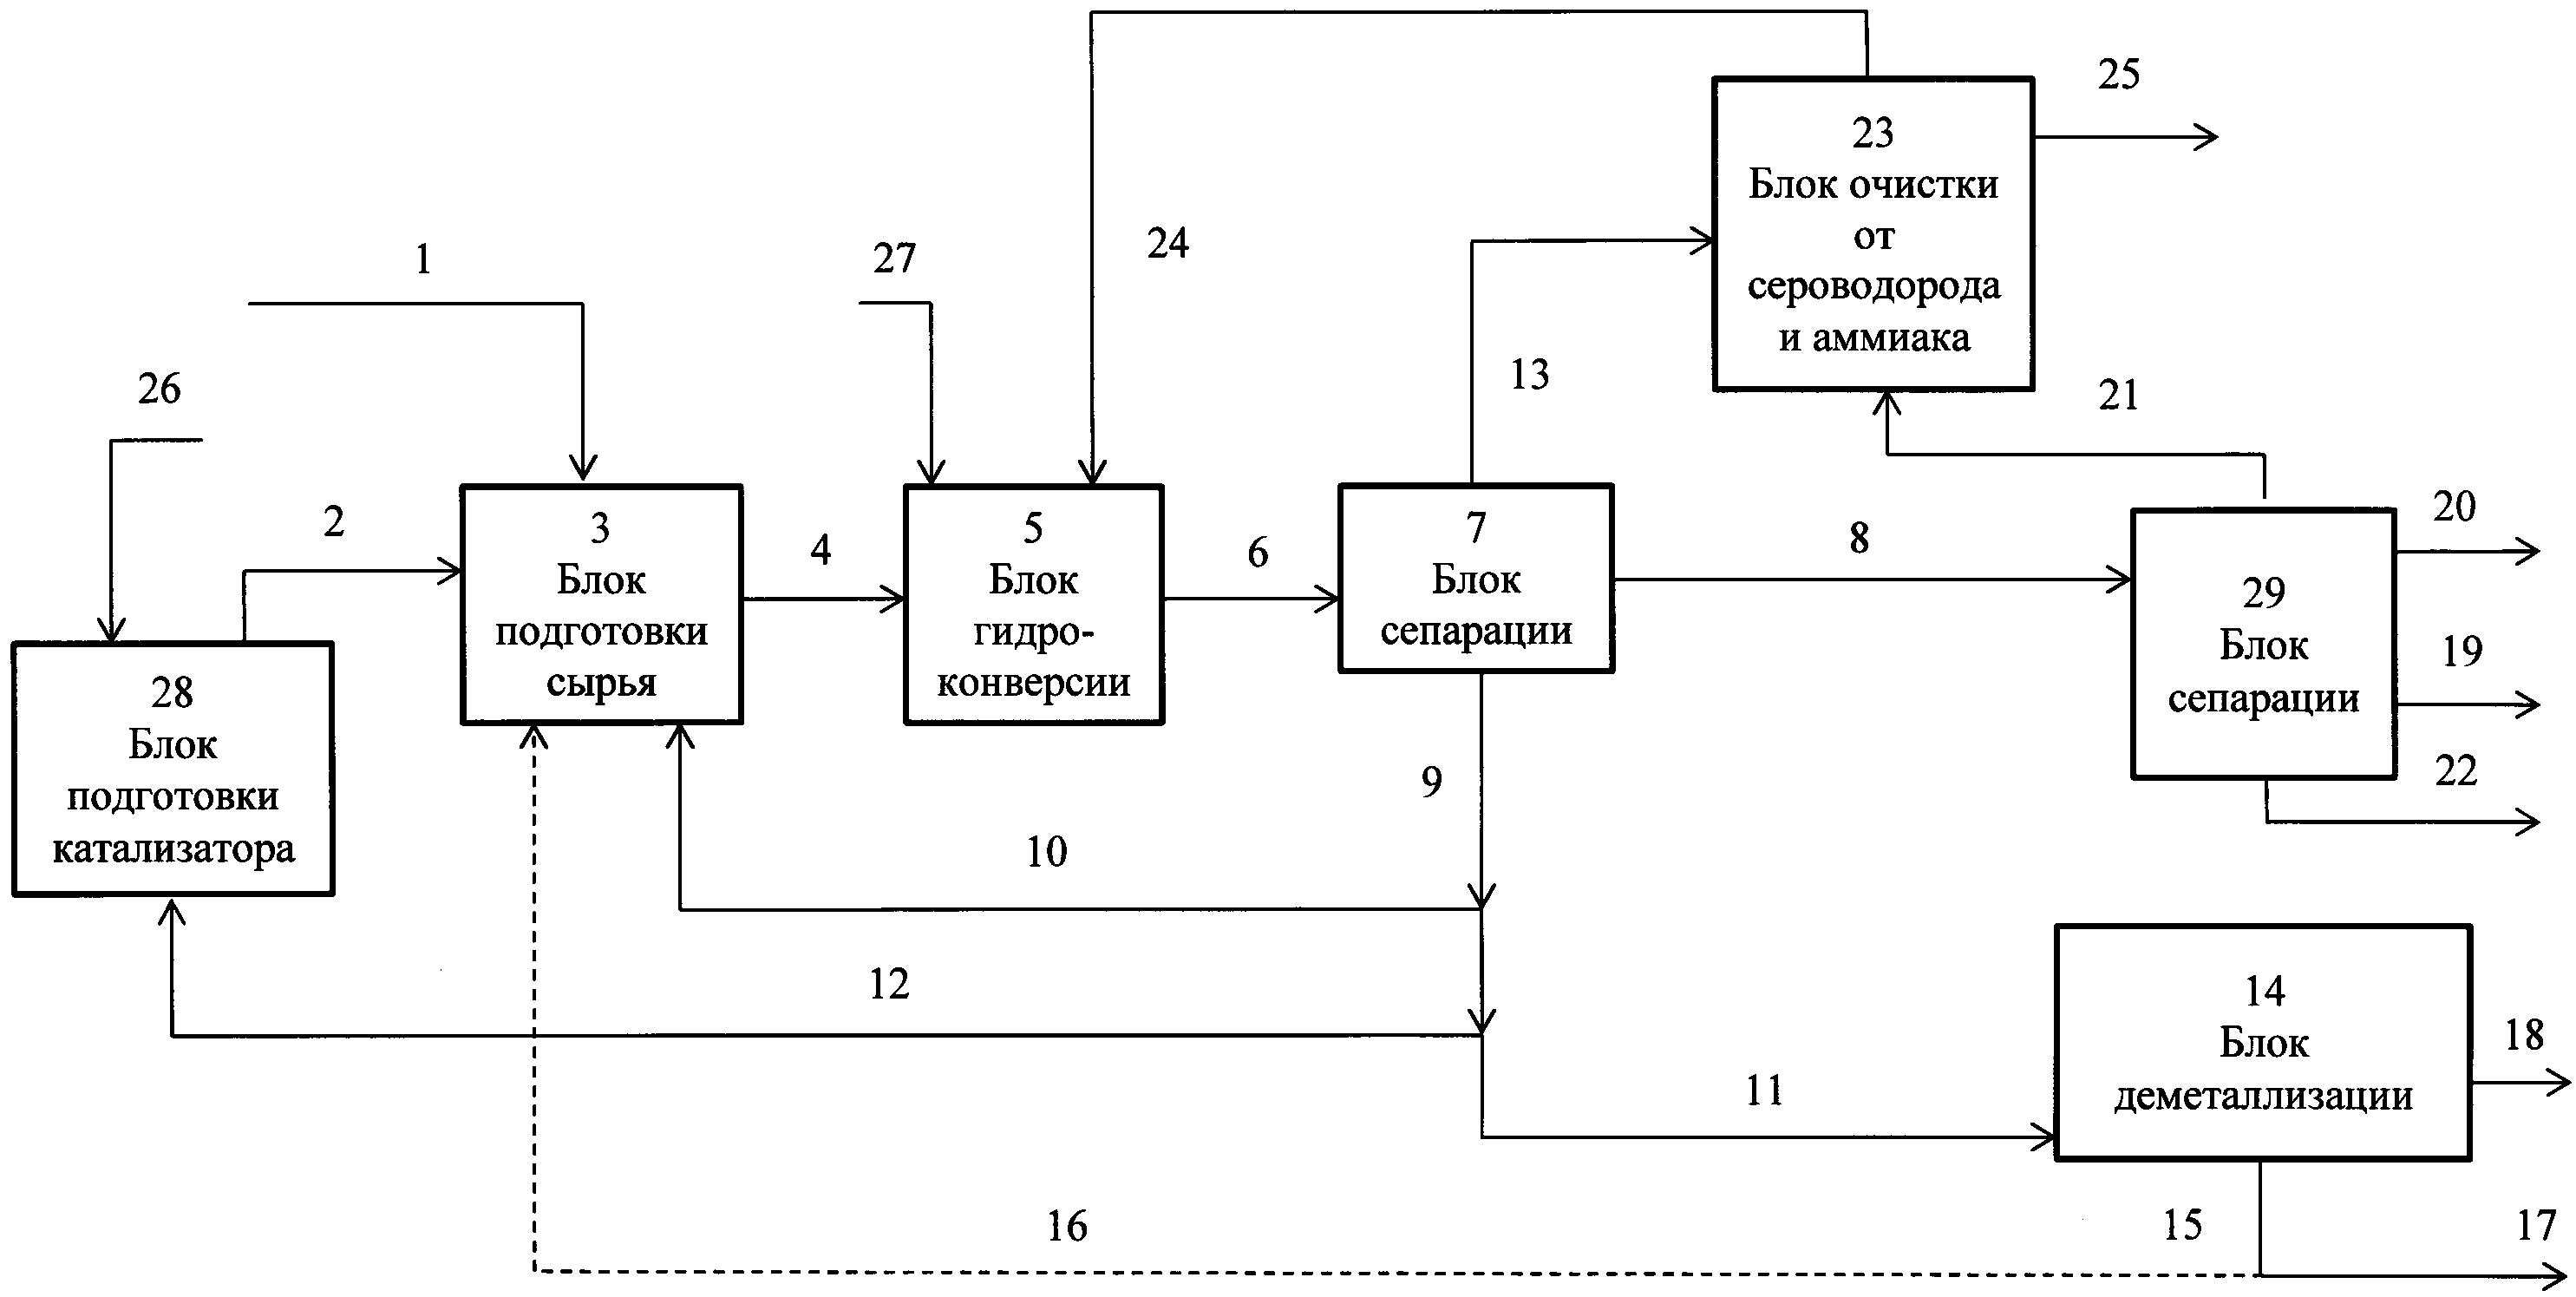 Способ гидроконверсии остатка атмосферной дистилляции газового конденсата